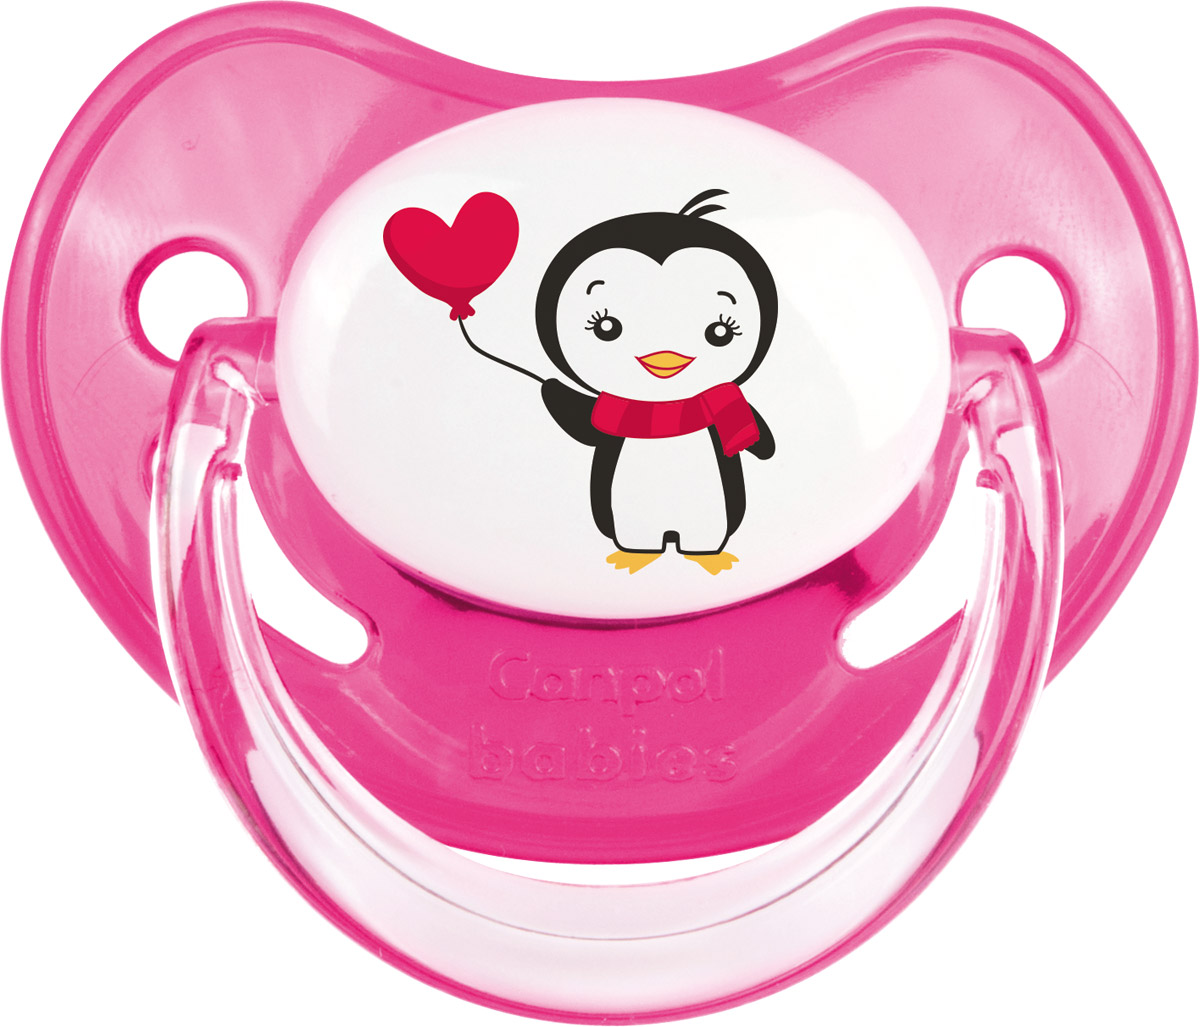 Canpol Babies Пустышка силиконовая ортодонтическая Penguins от 0 до 6 месяцев цвет розовый